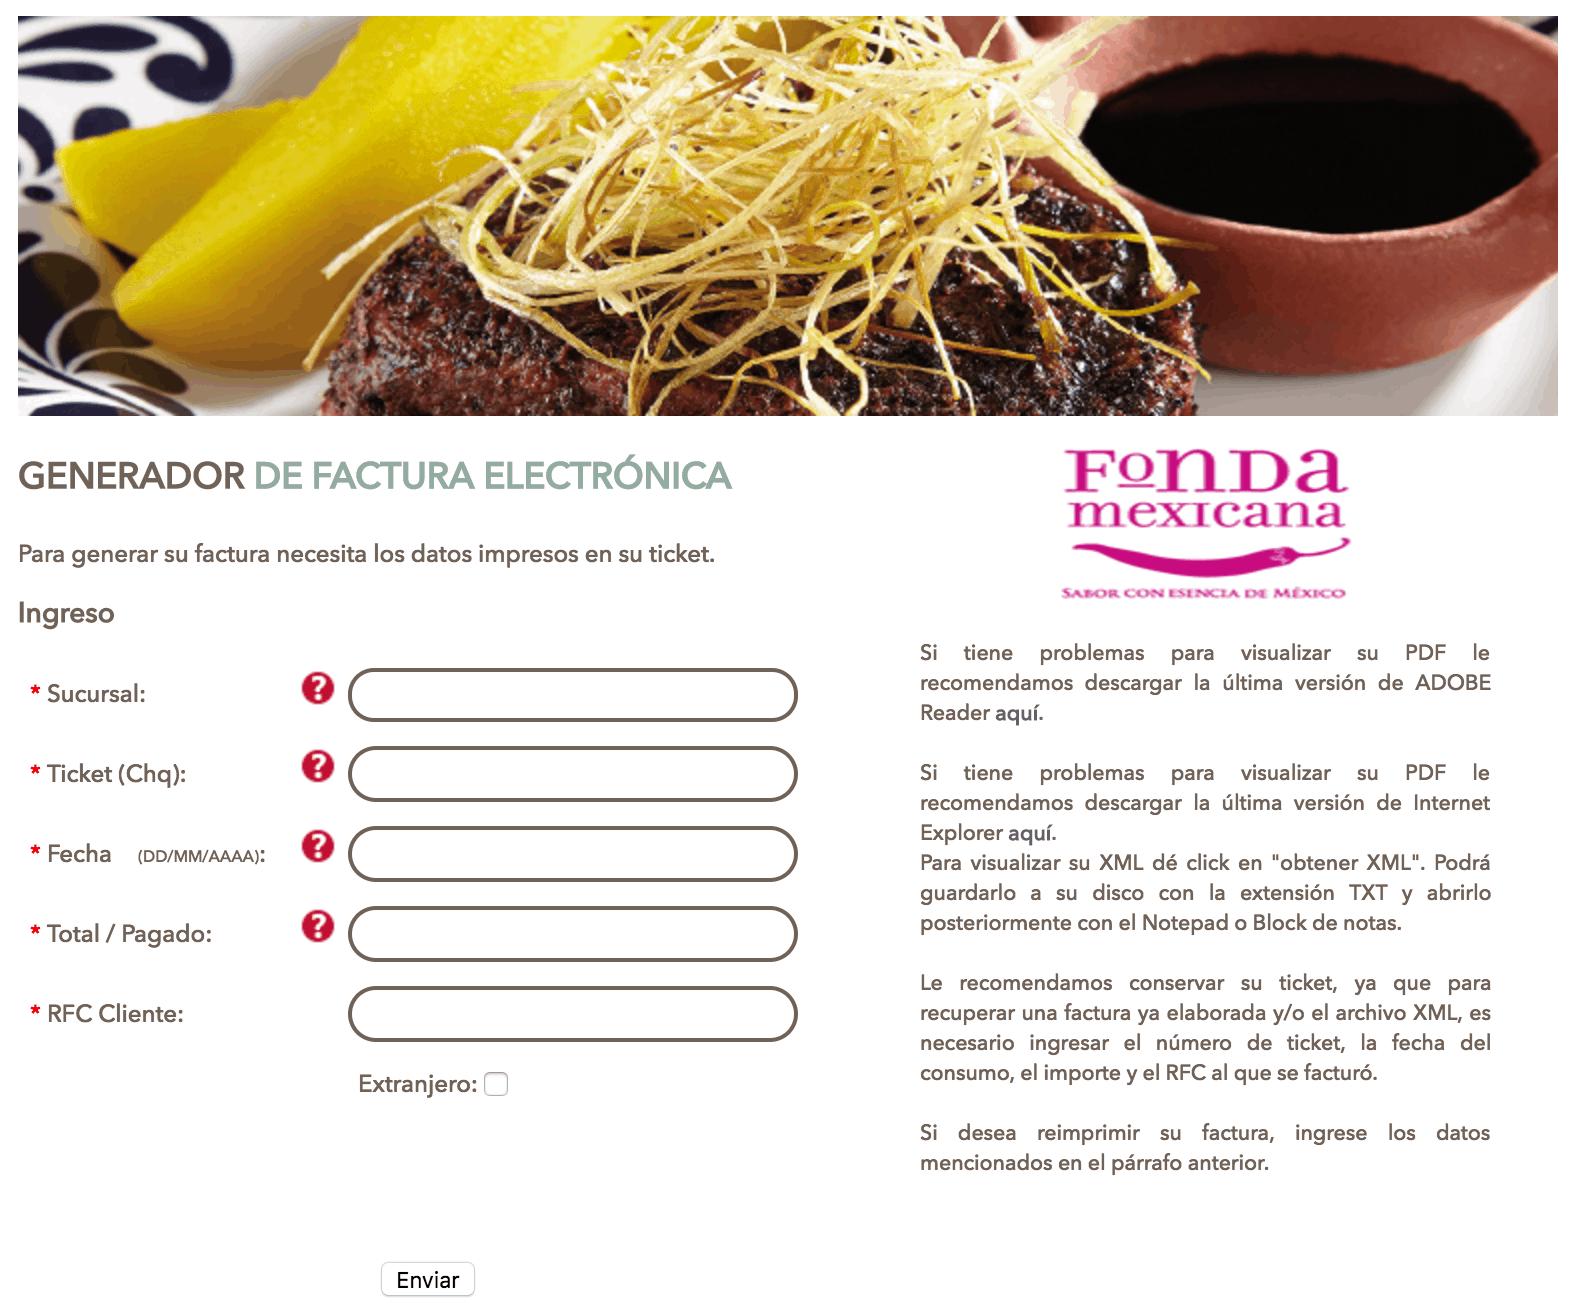 Fonda Mexicana Paso 1  Ingresar datos del ticket de consumo.